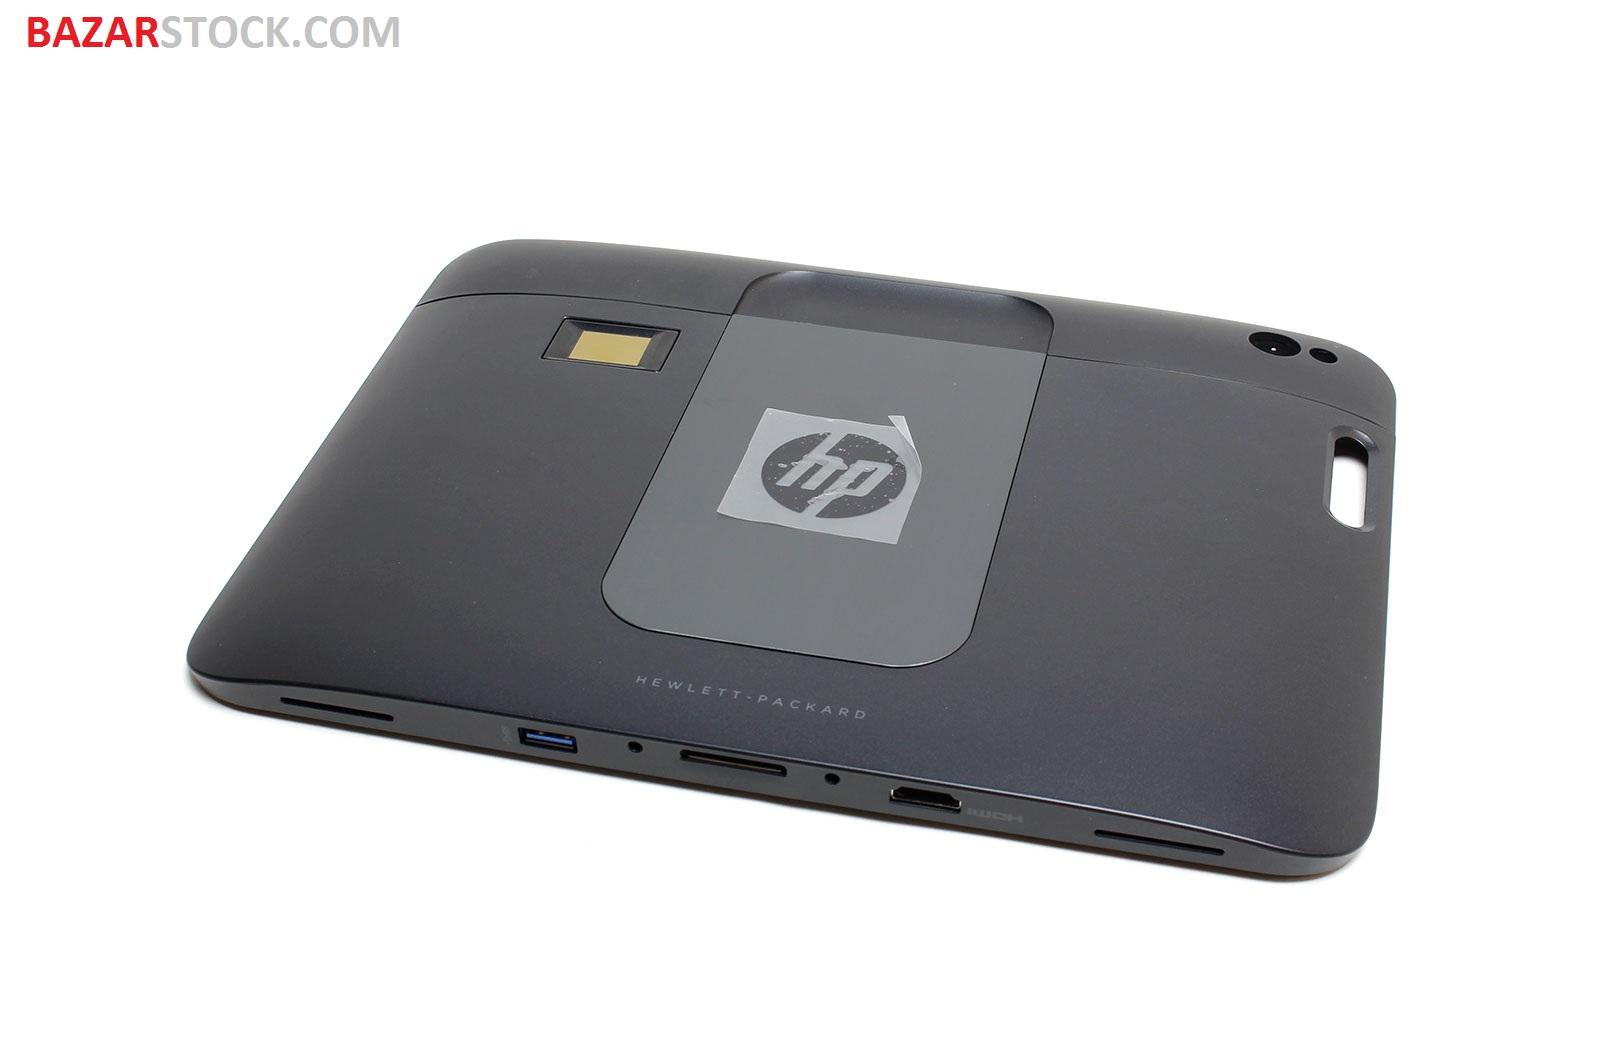 کاور  جکت داکت تبلت اچ پی الیت پد HP Elitepad